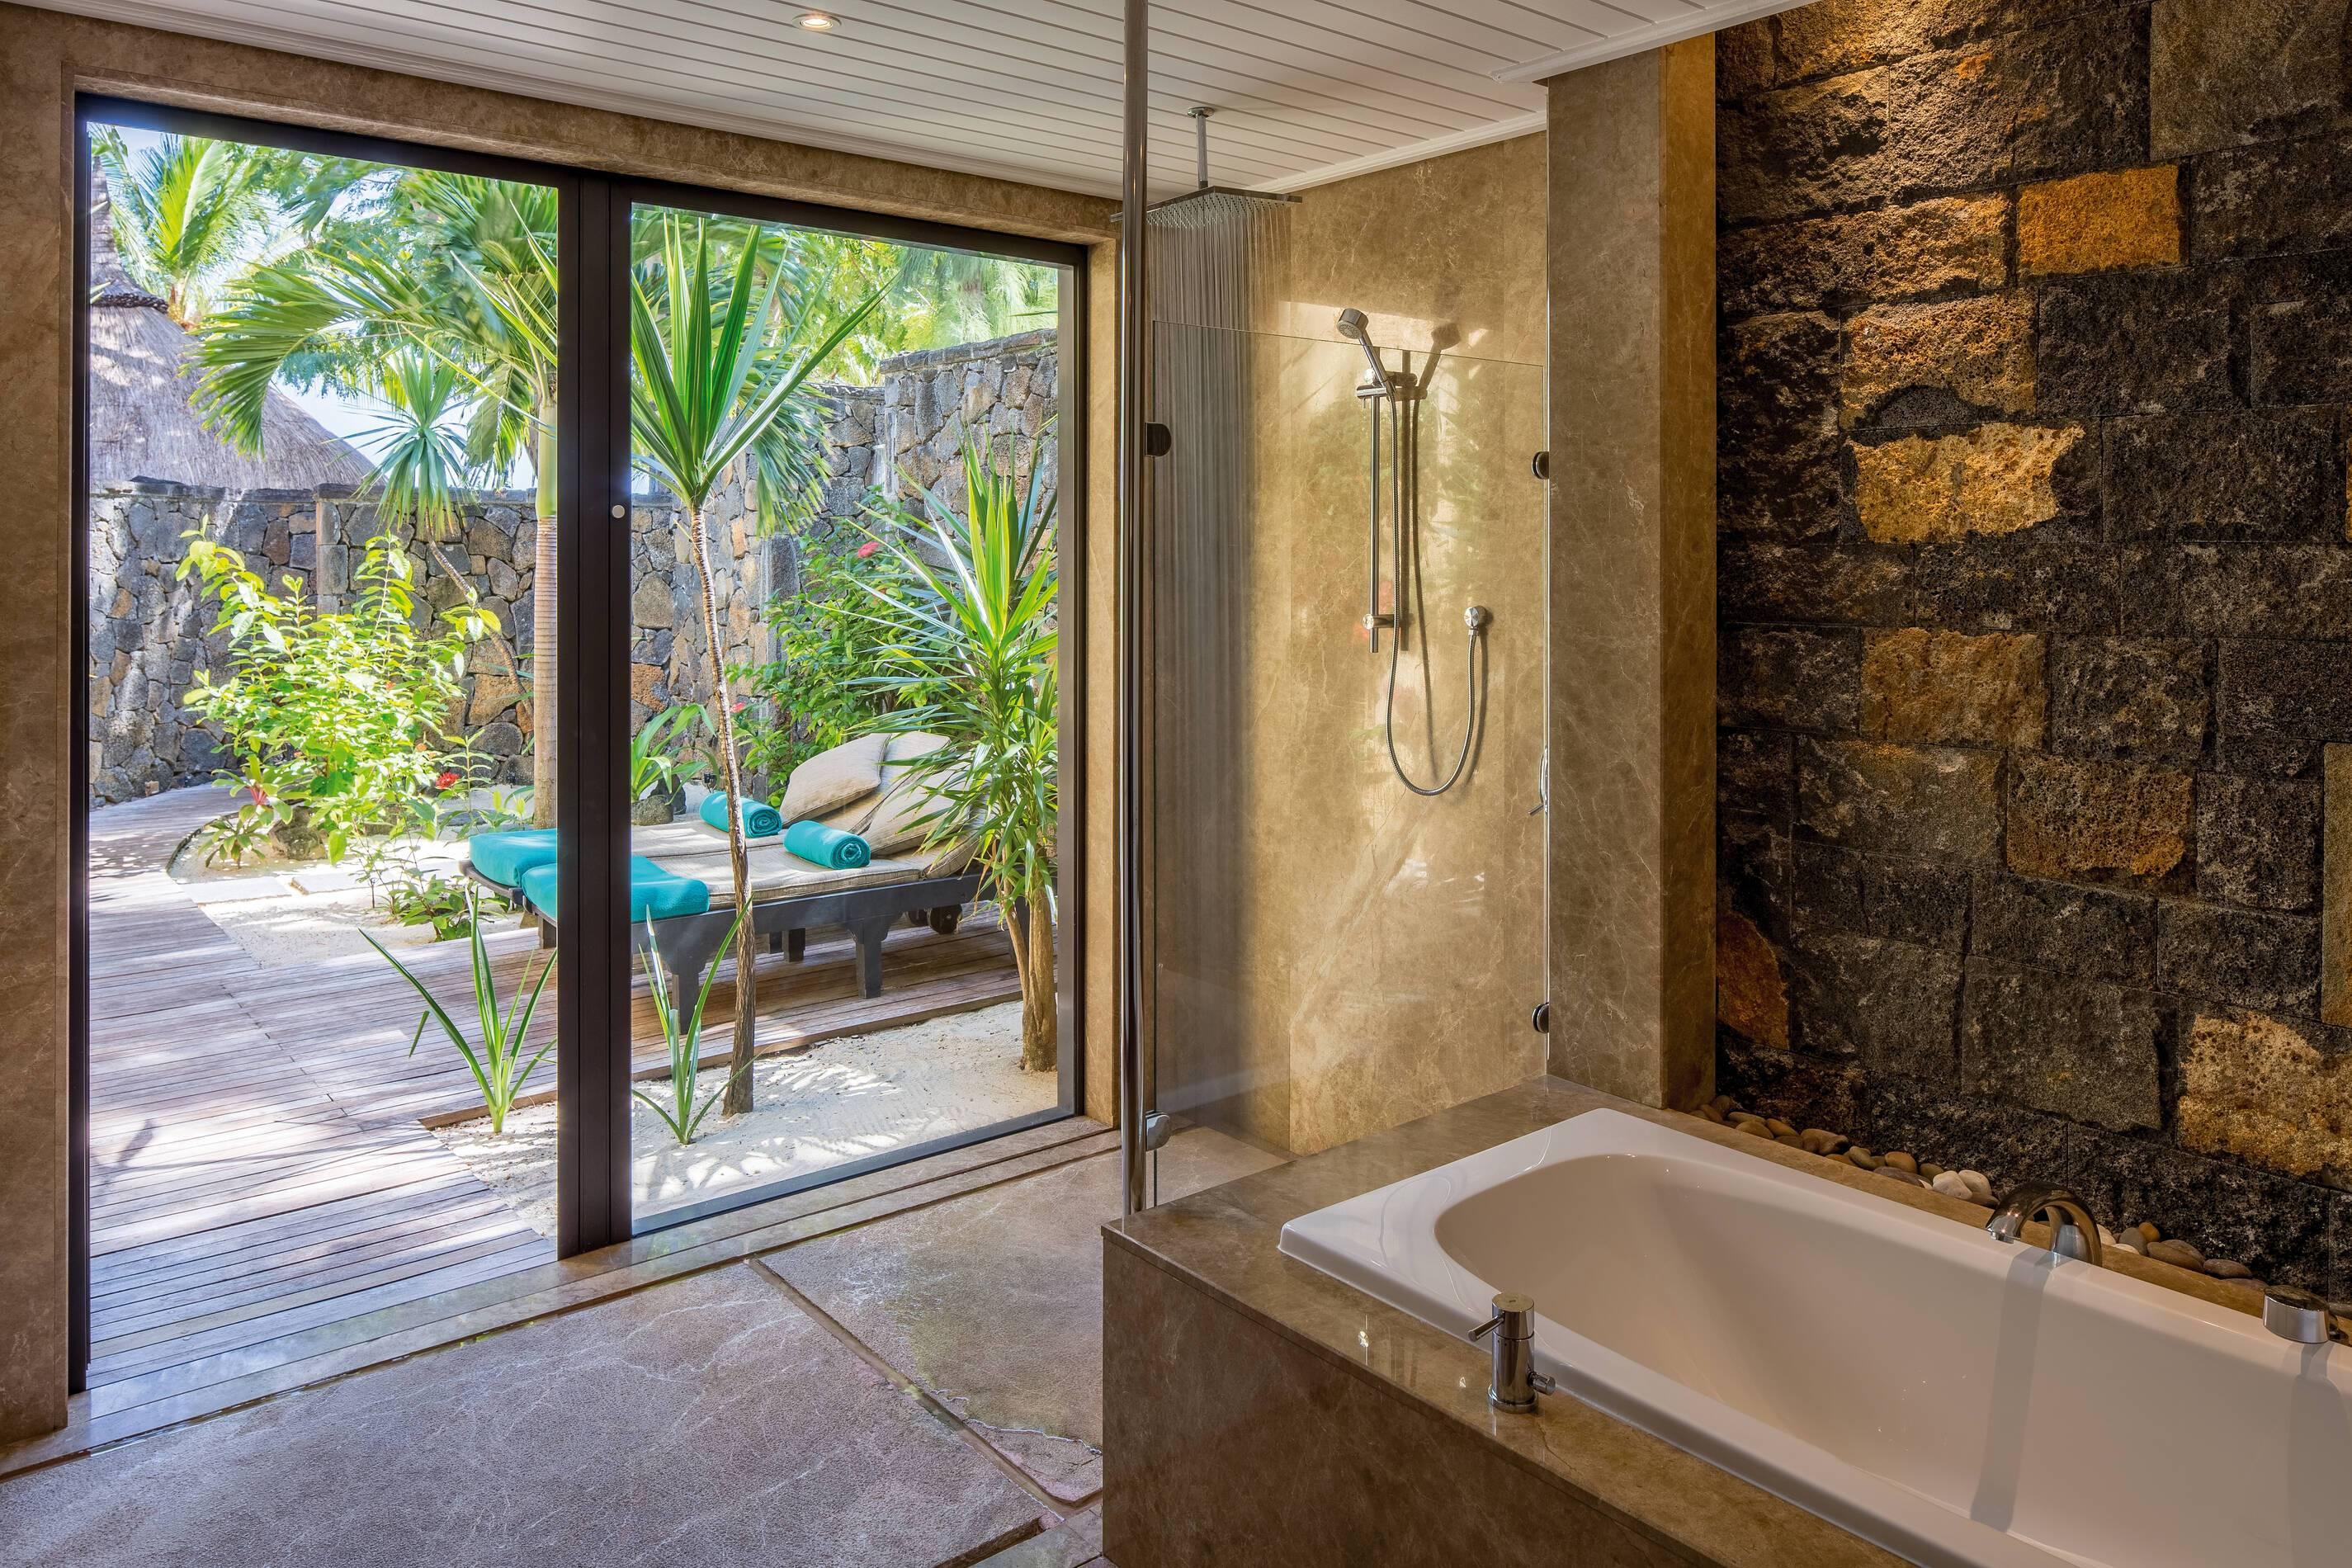 Paradis Beachcomber Presidential Vila Salle de bain Maurice